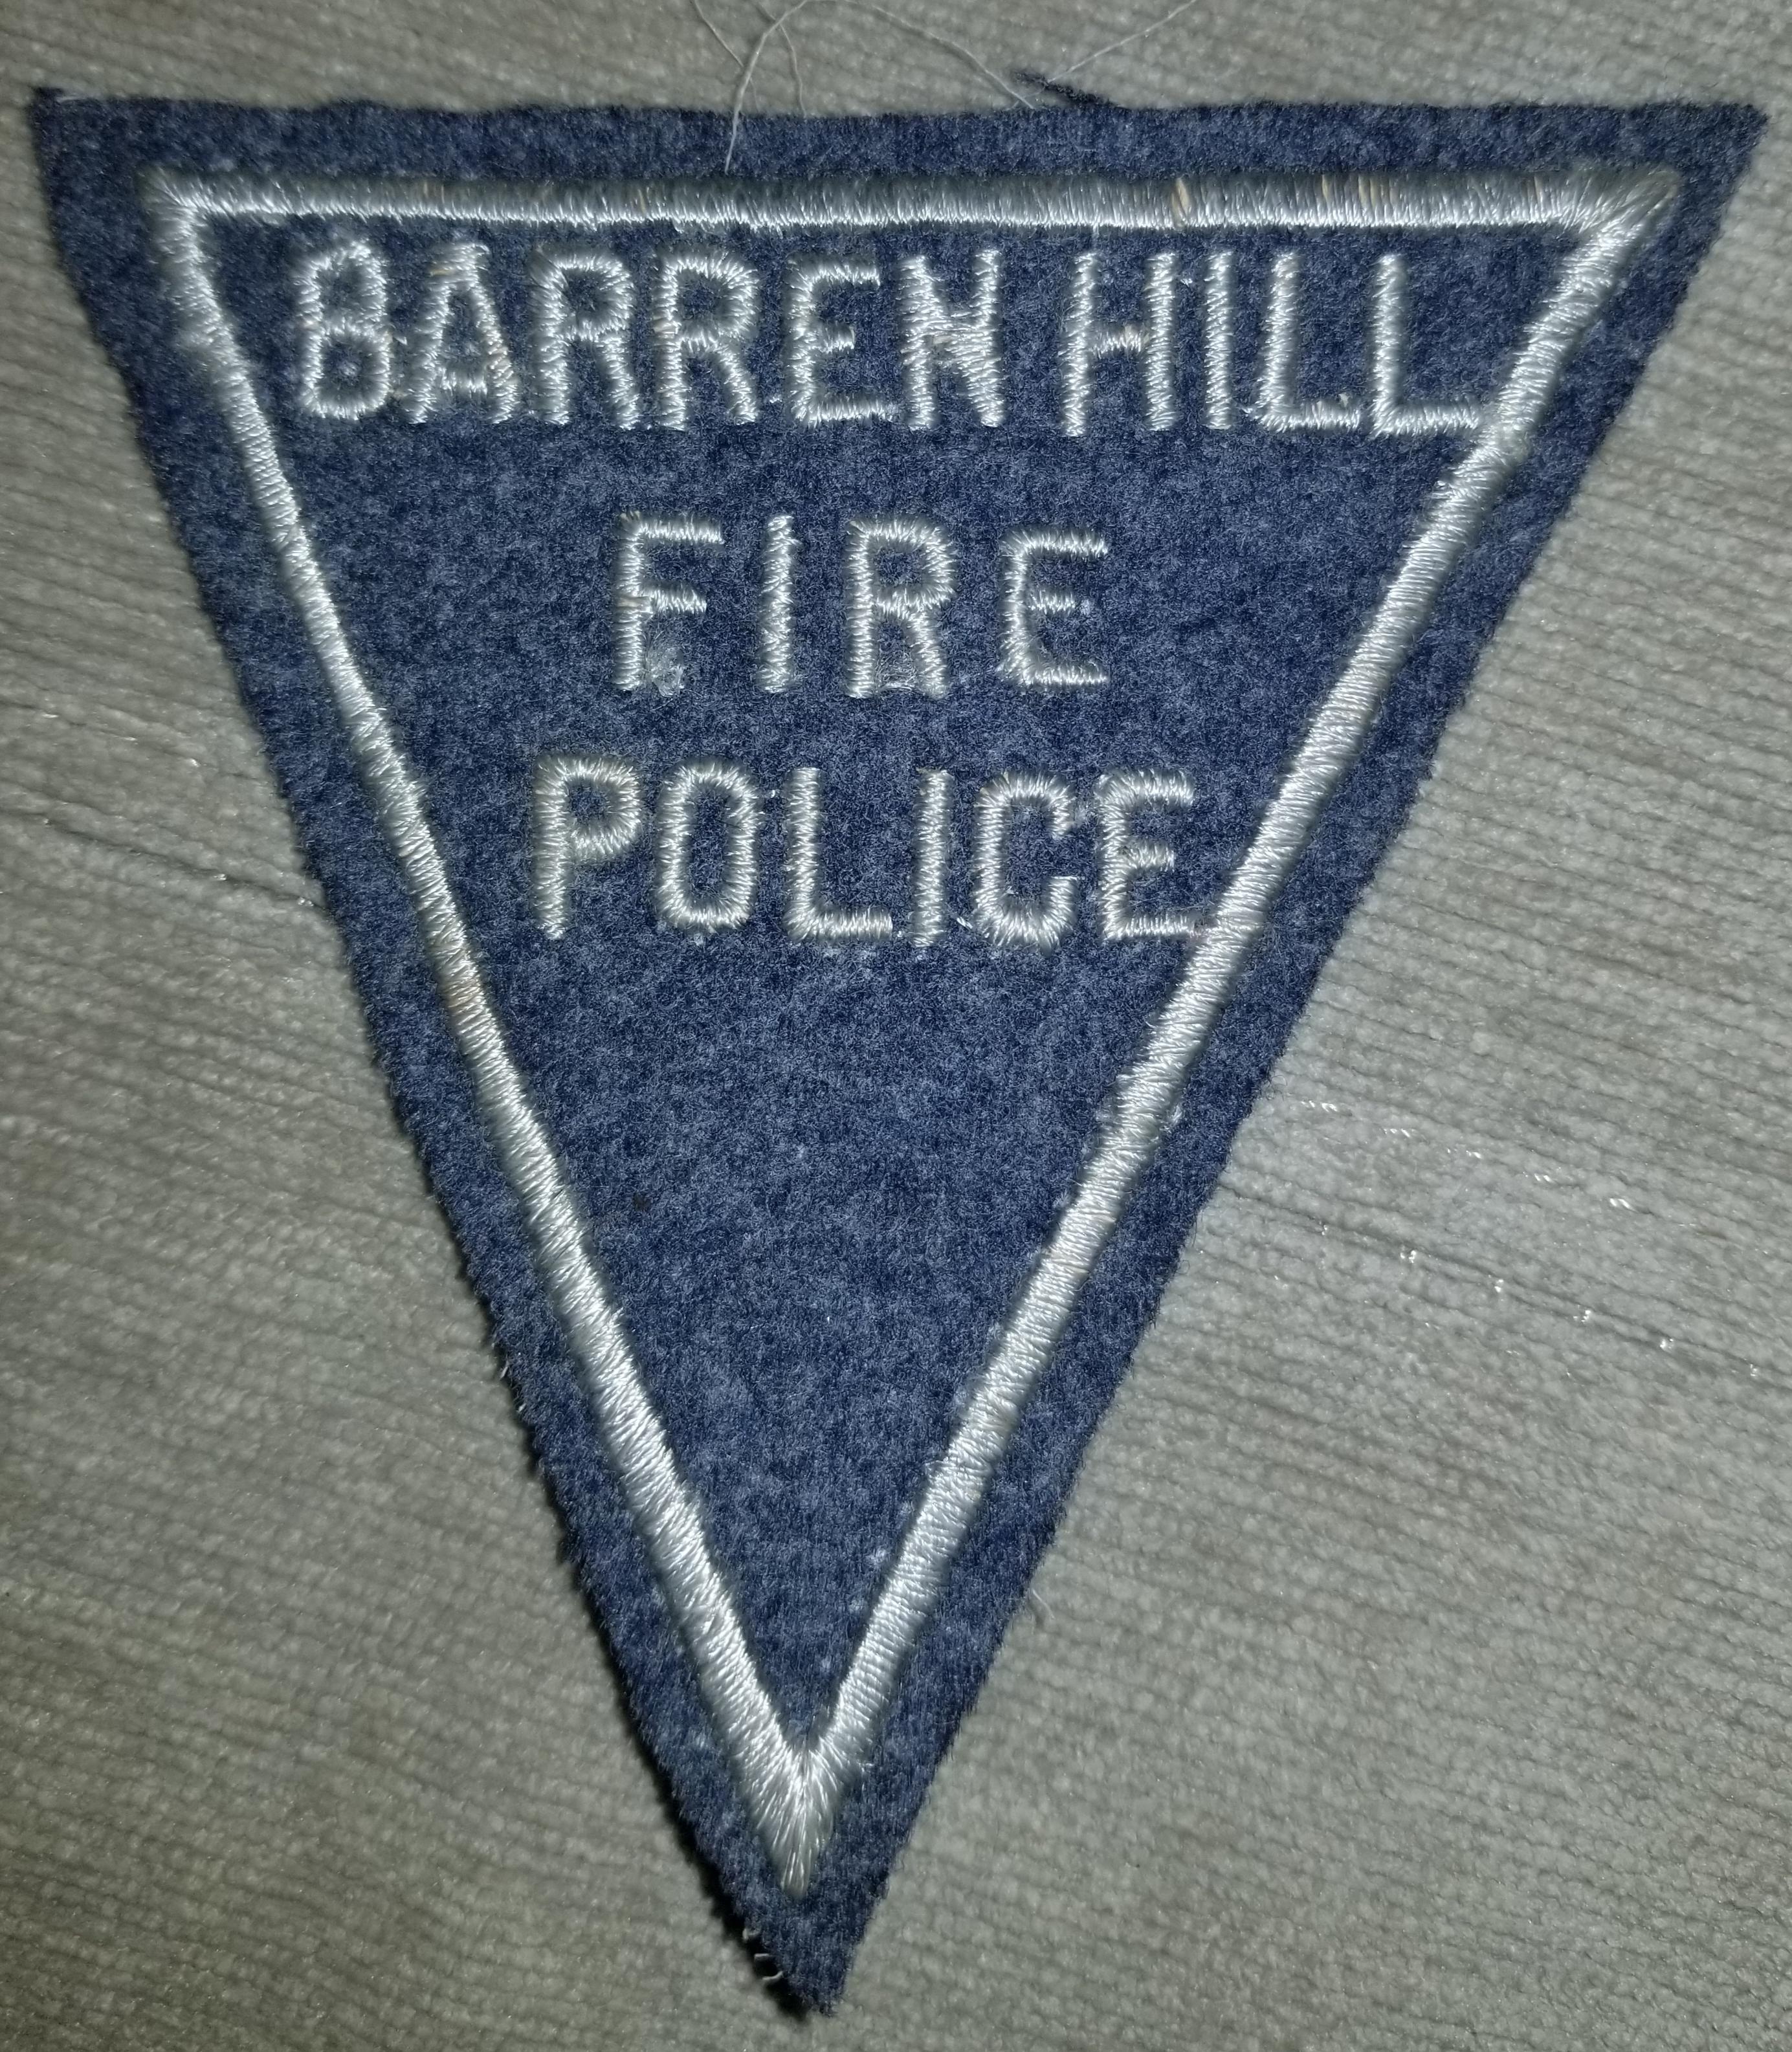 Barren Hill Fire Police PA